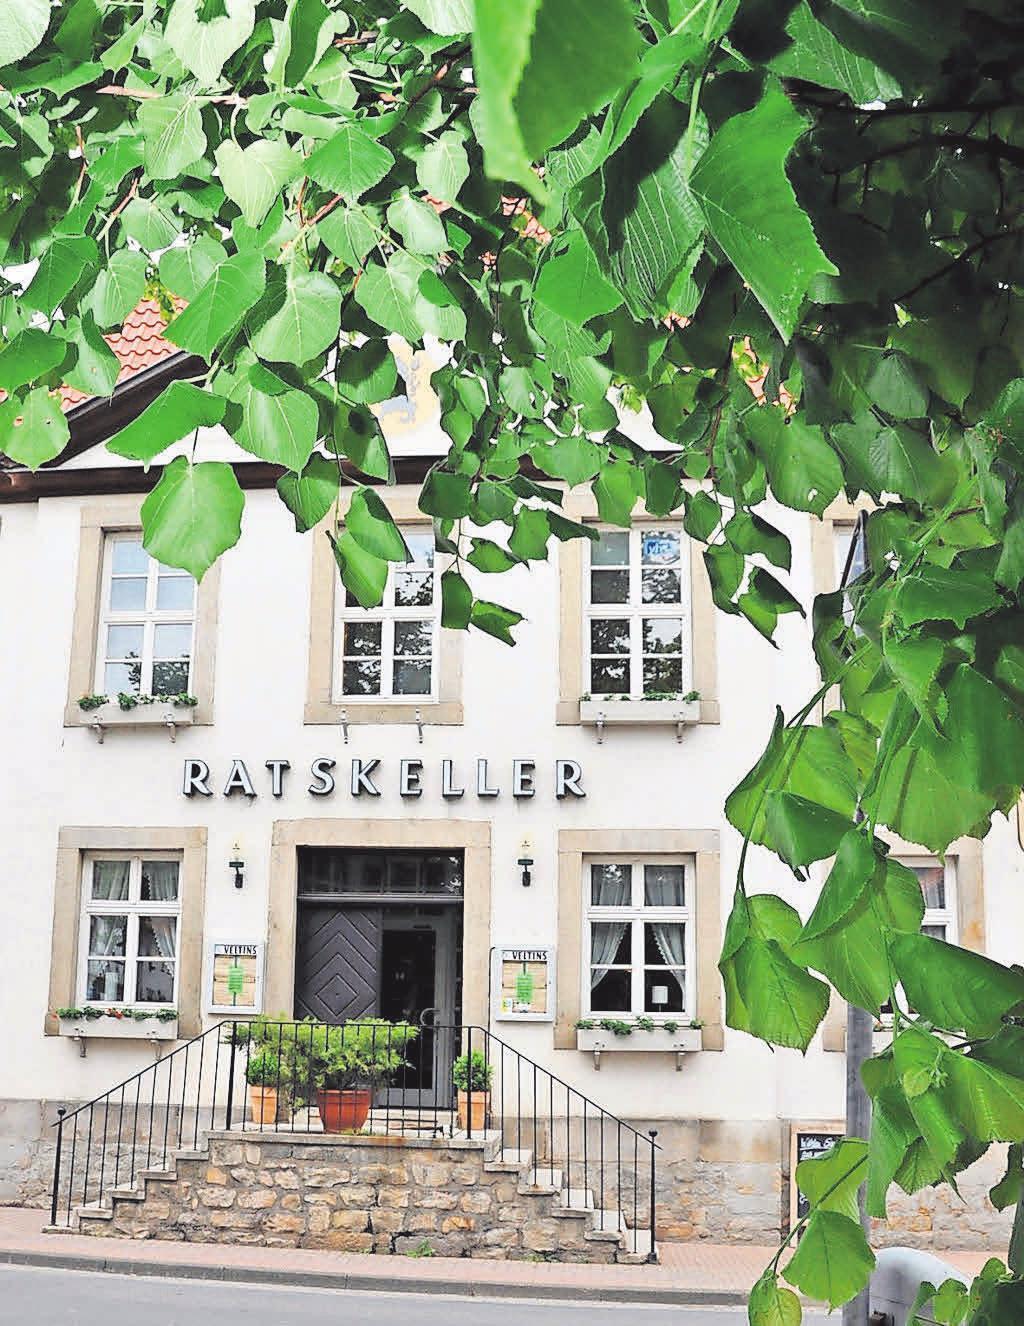 Der Ratskeller Pattensen gehört zu den herausragenden Restaurants der Region.